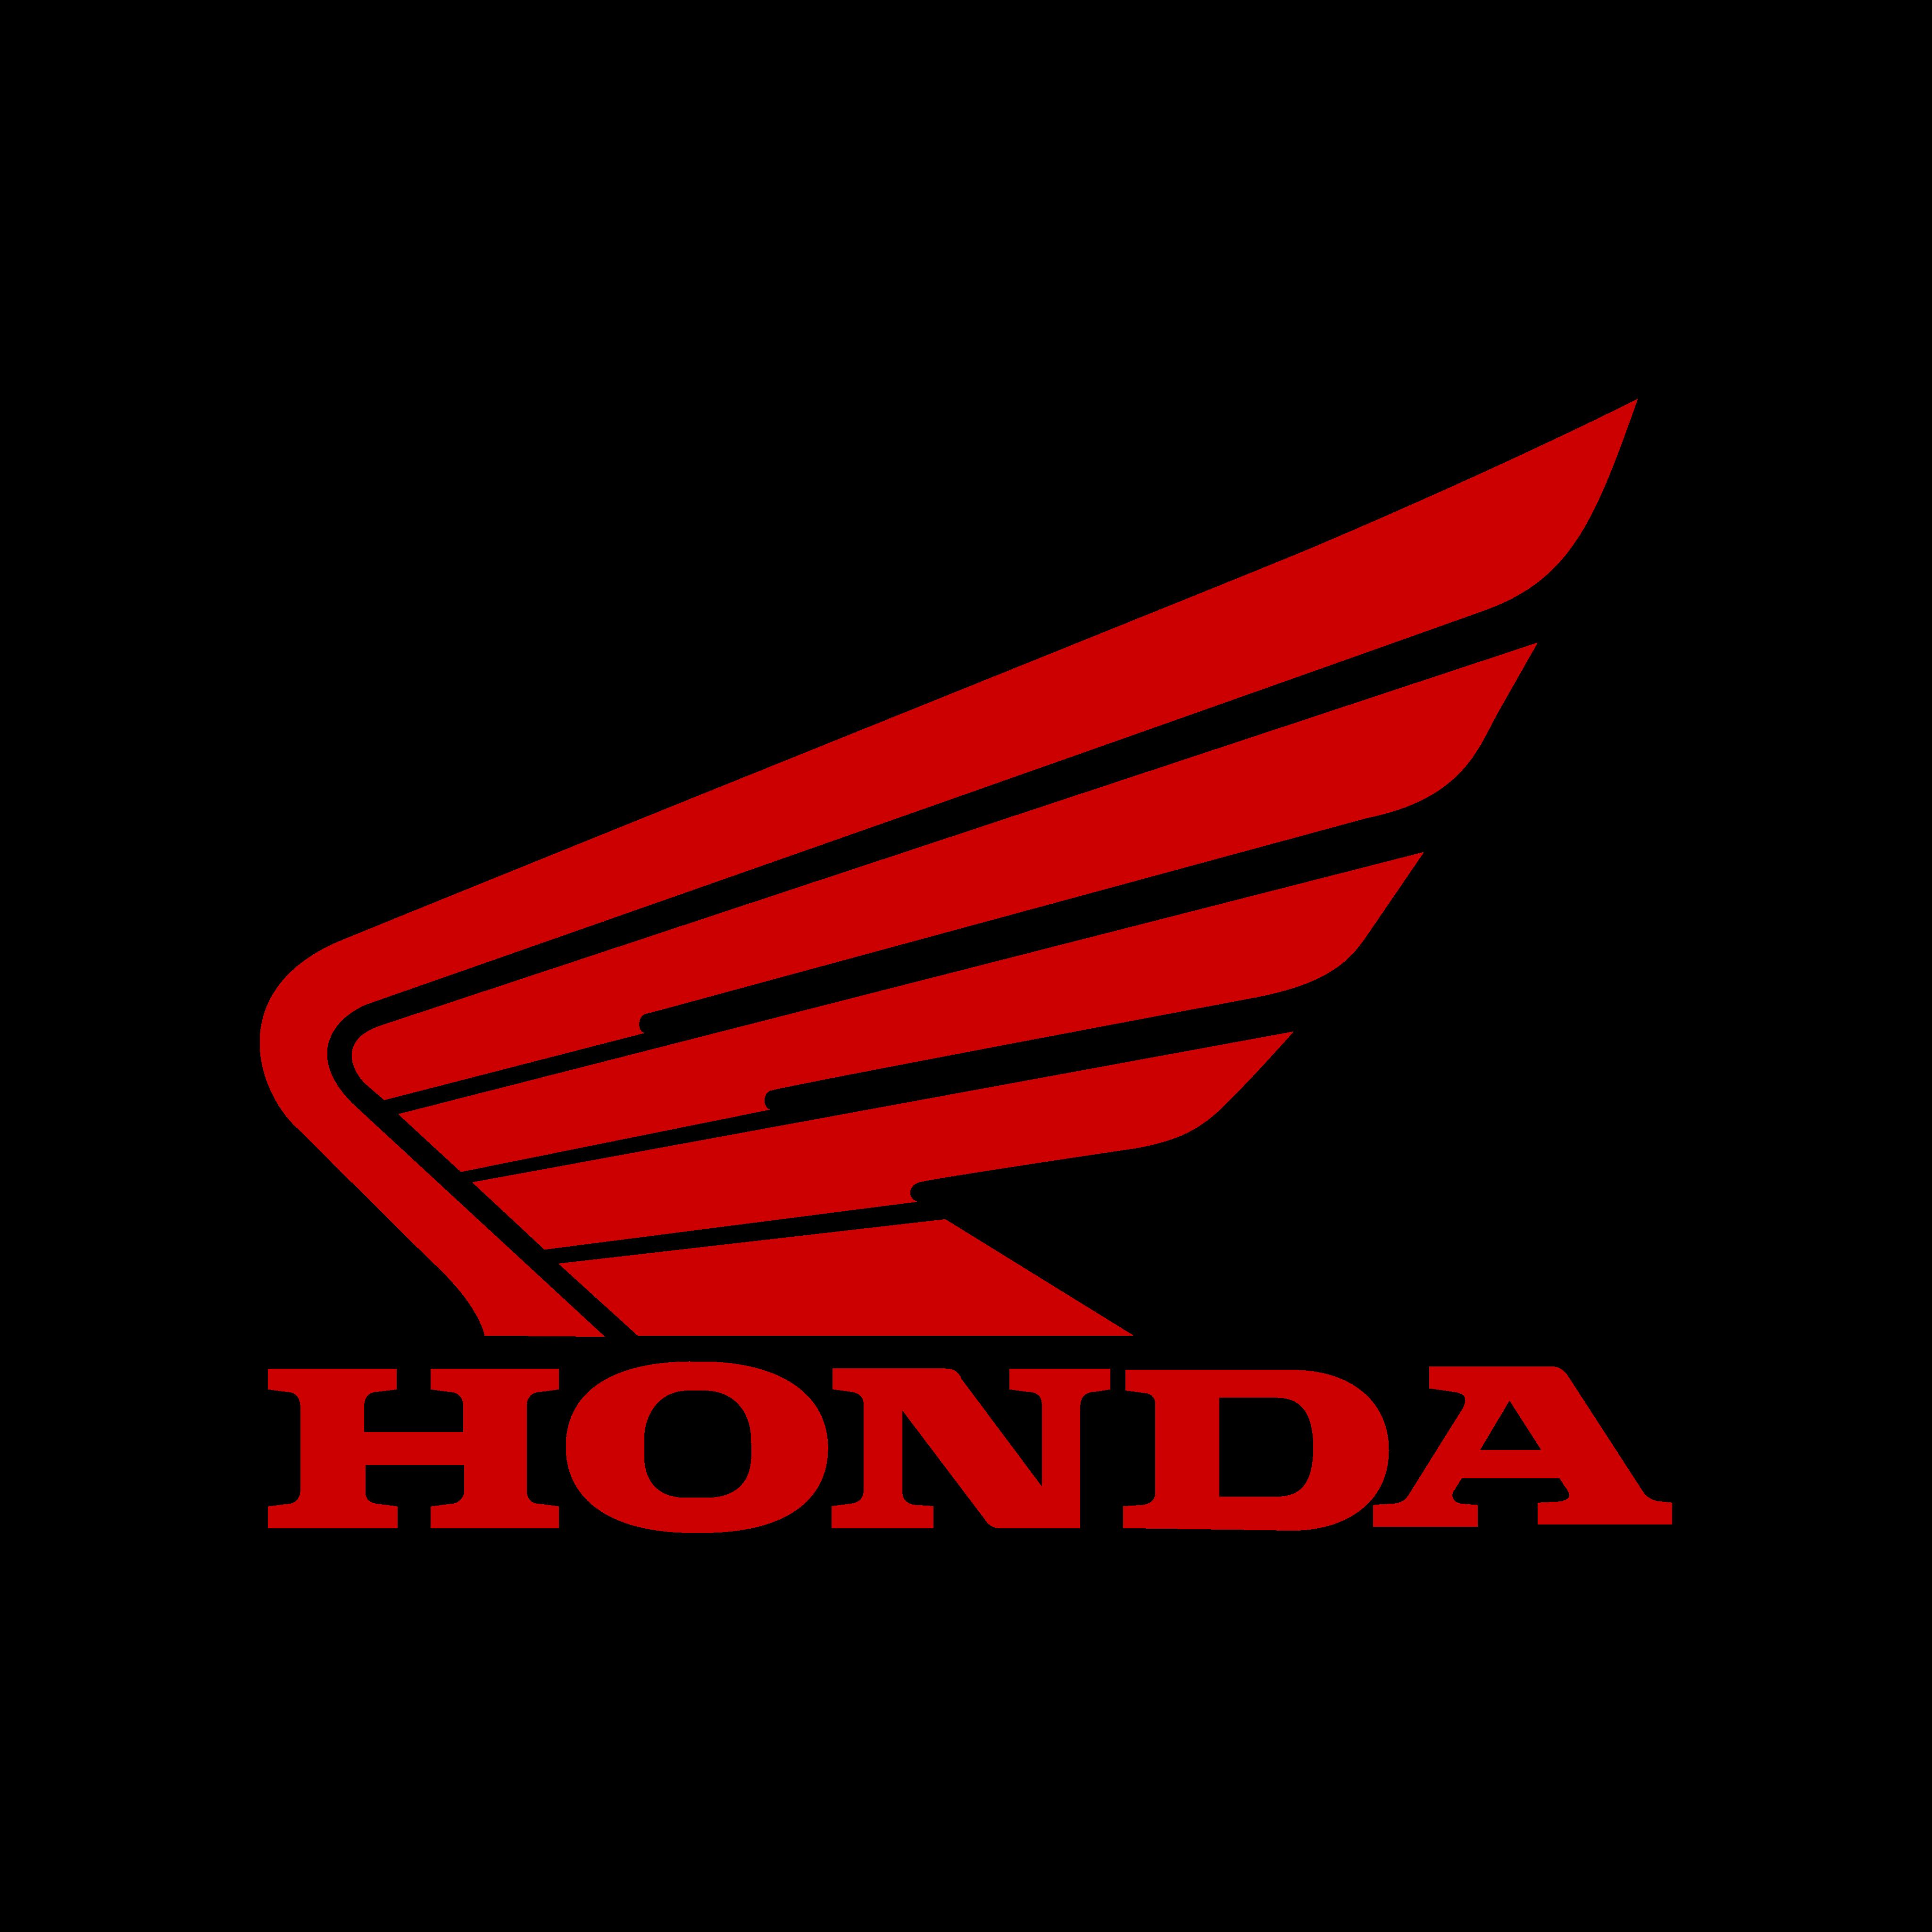 honda motos logo 0 - Honda Motos Logo